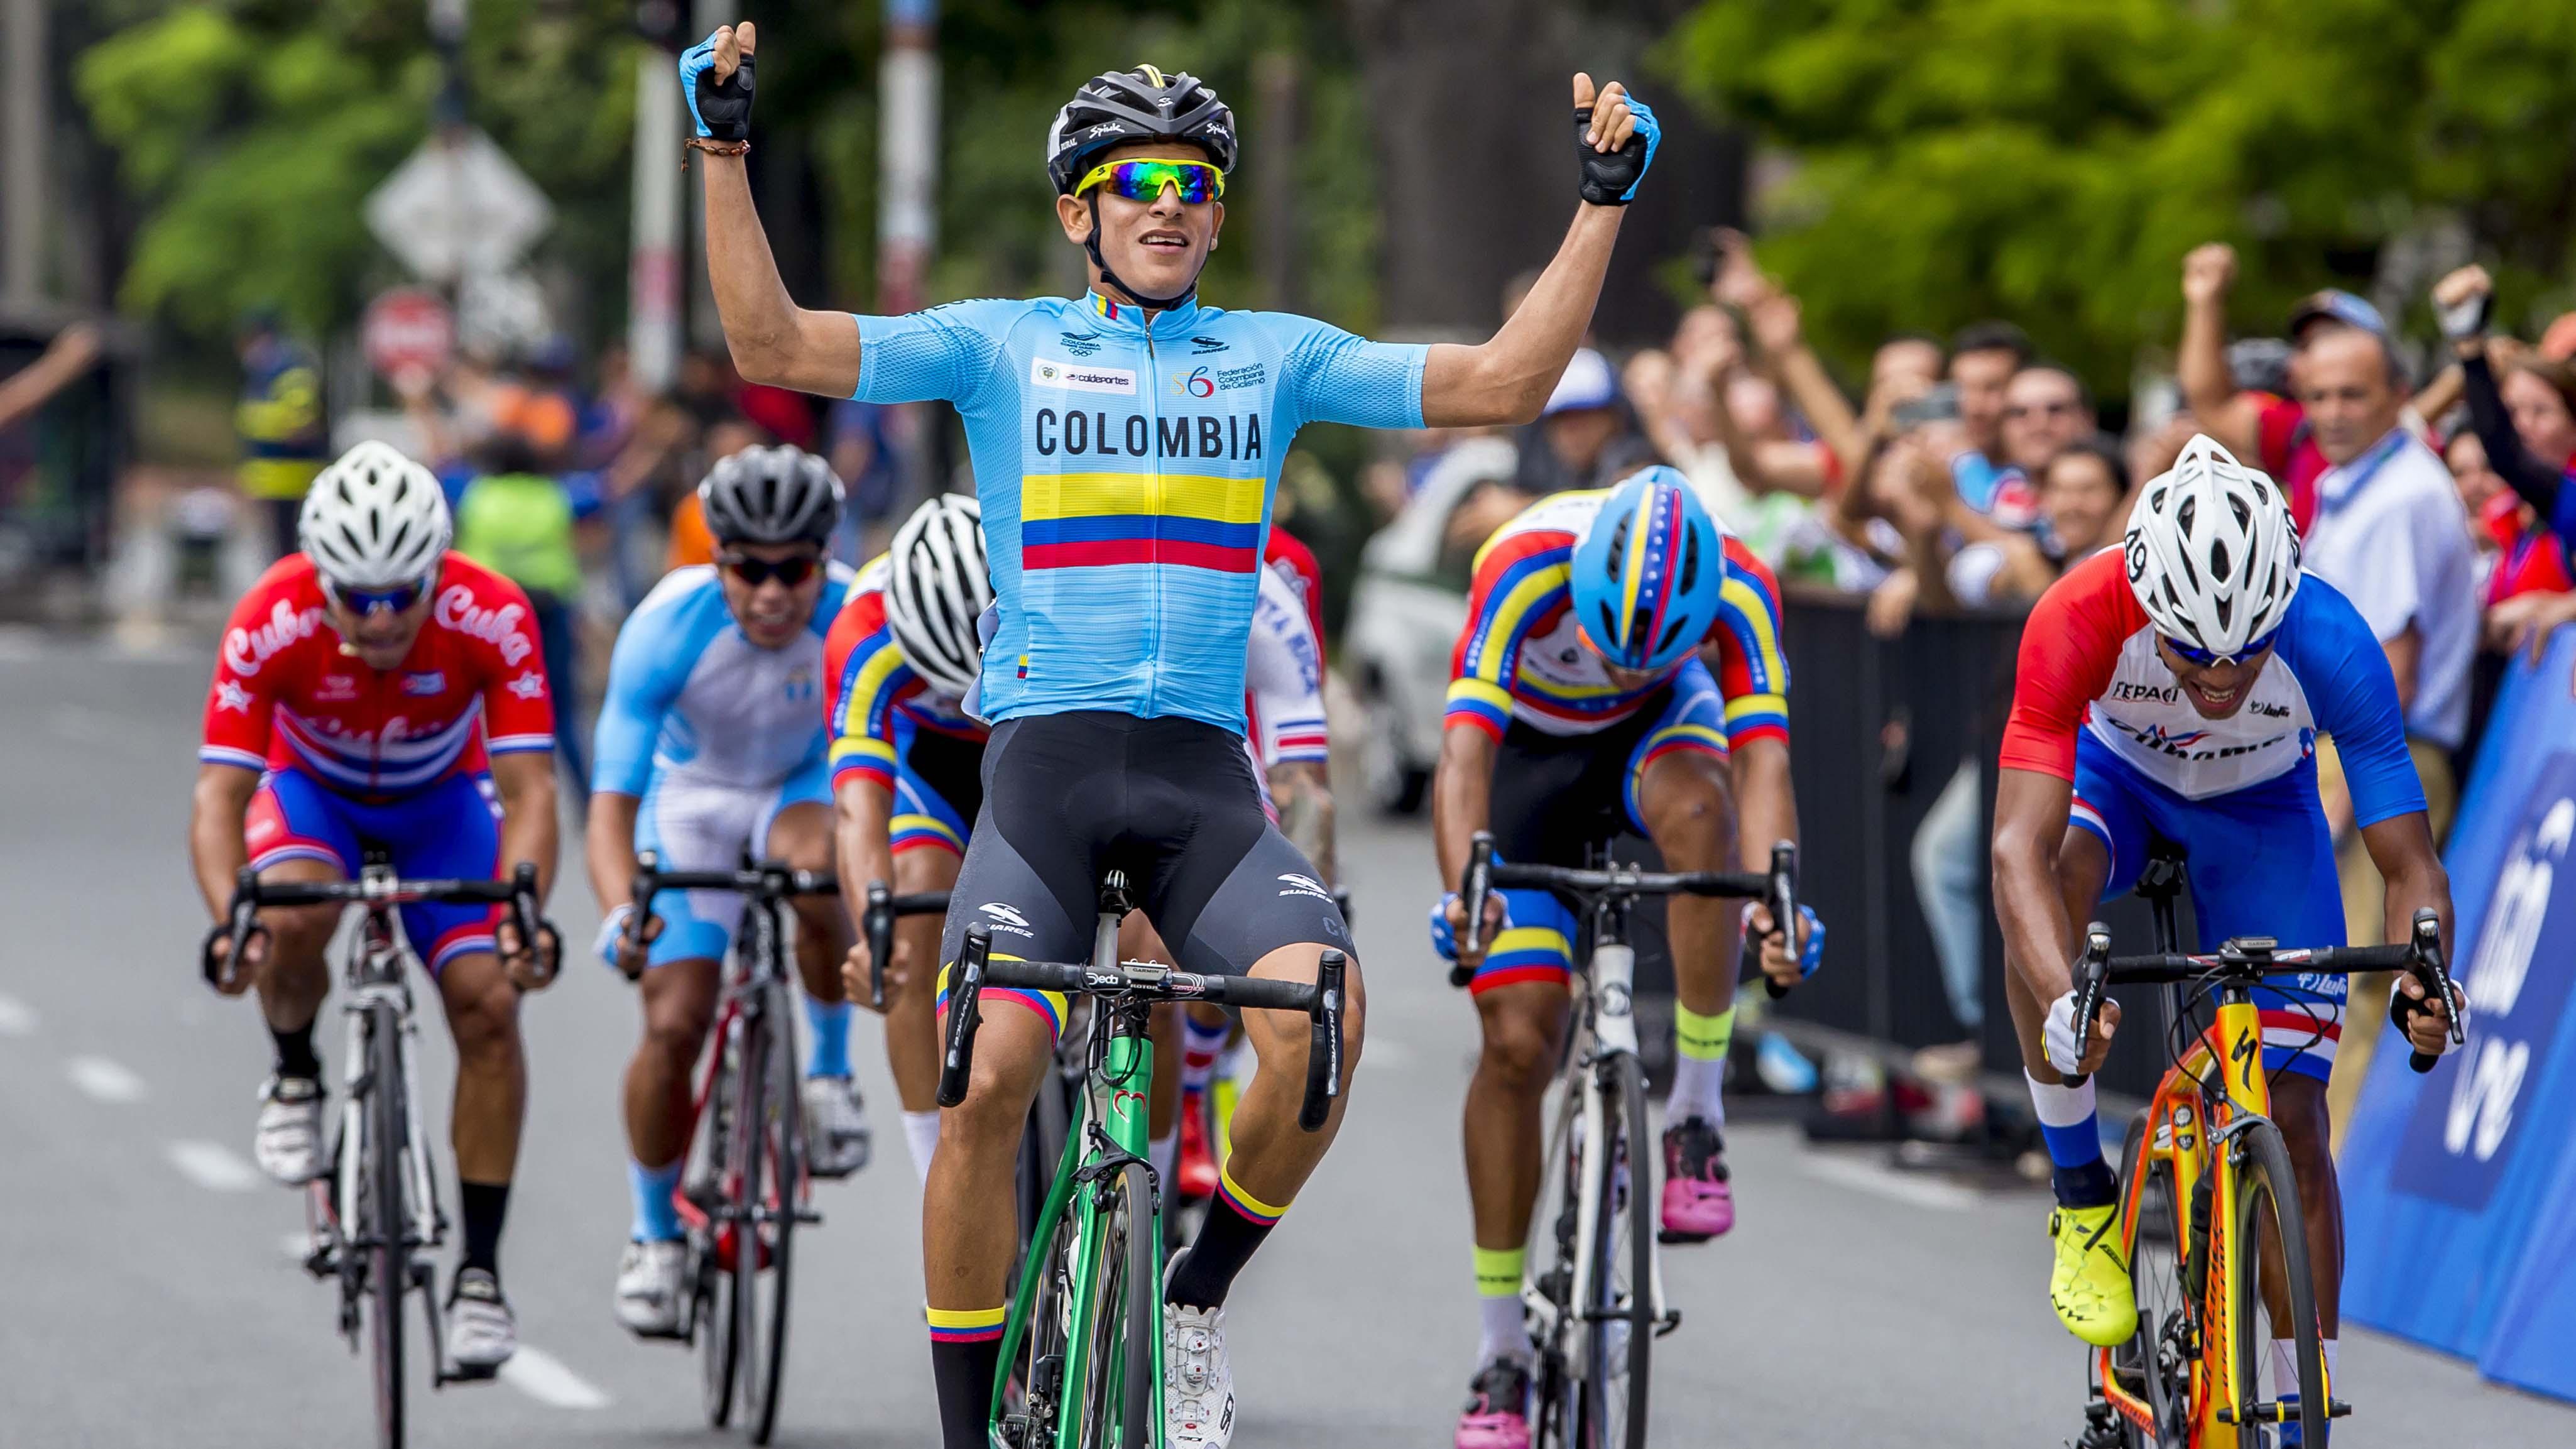 El ciclista barranquillero Nelson Soto ganó una medalla de oro en los Juegos Centroamericanos y del Caribe.